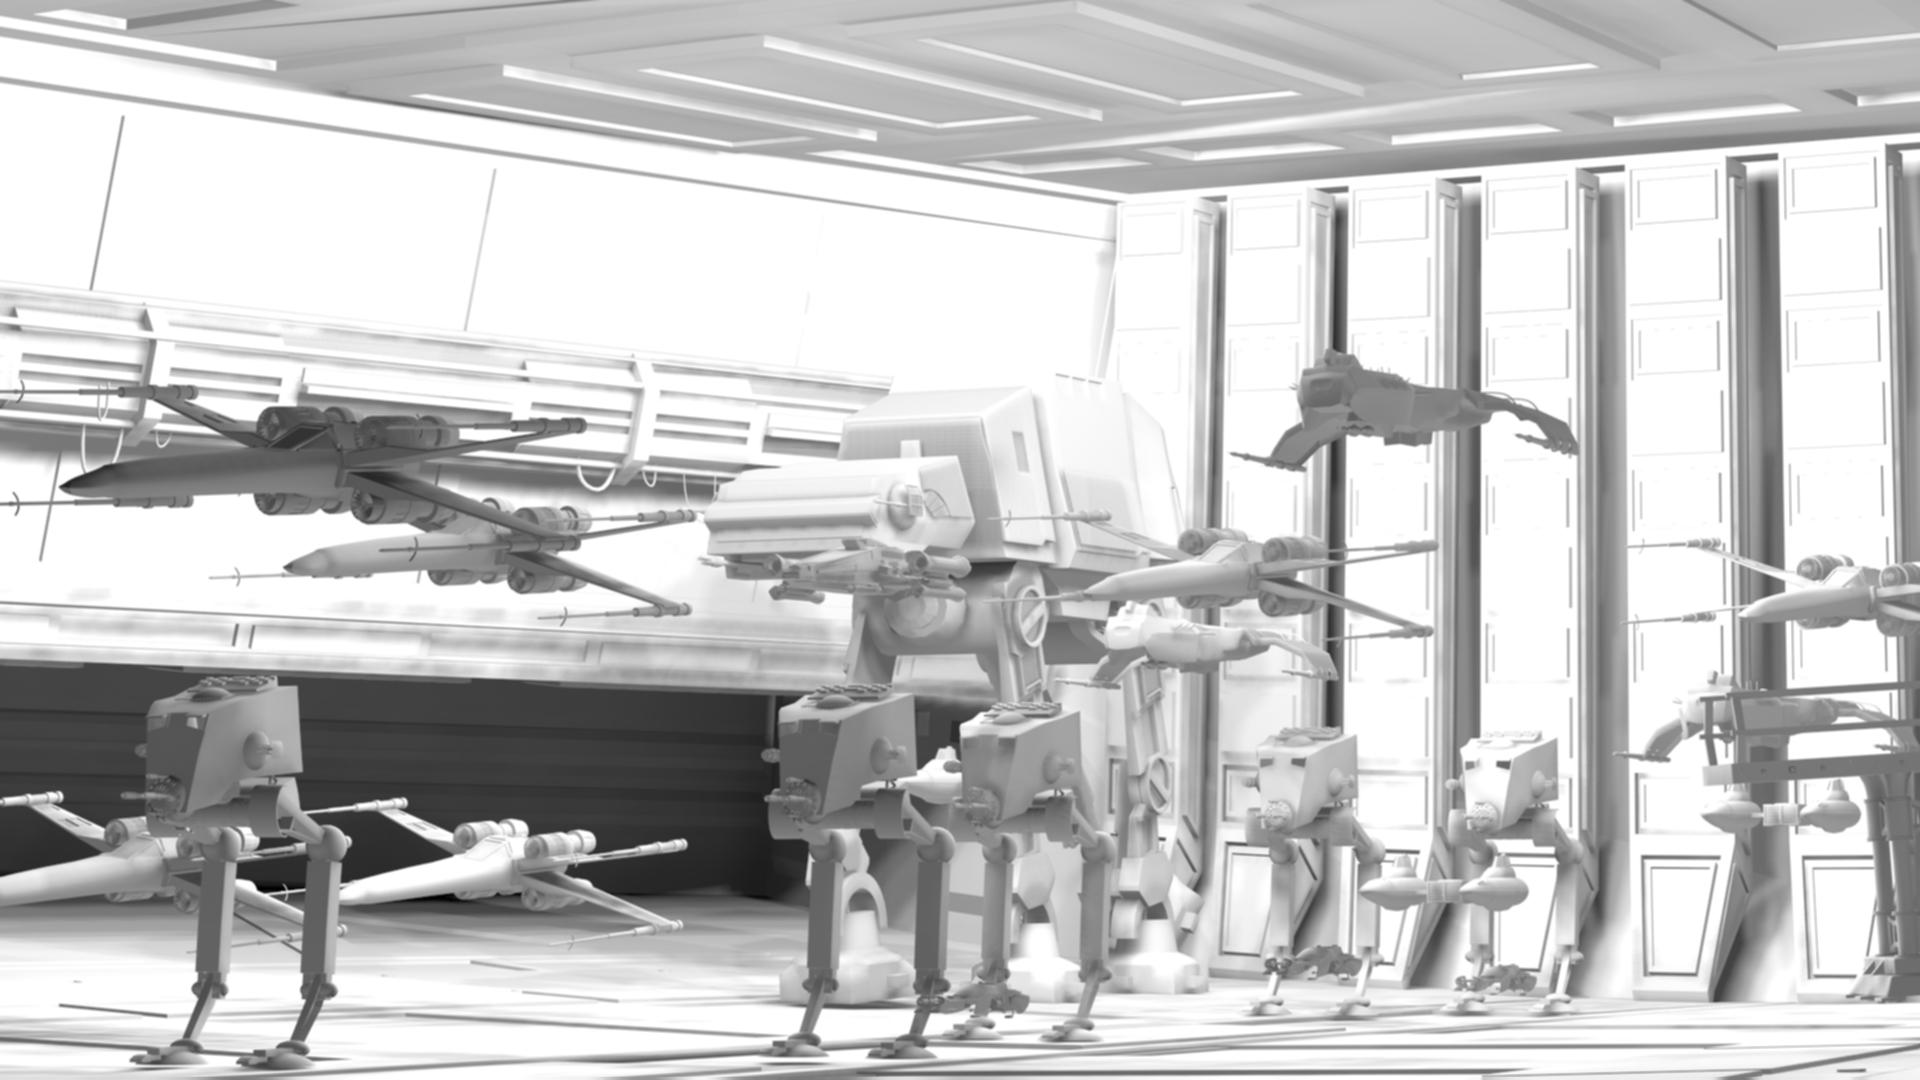 Les 1ère année de l'école 3D Studio Mercier modélisent le hangar de Star Wars